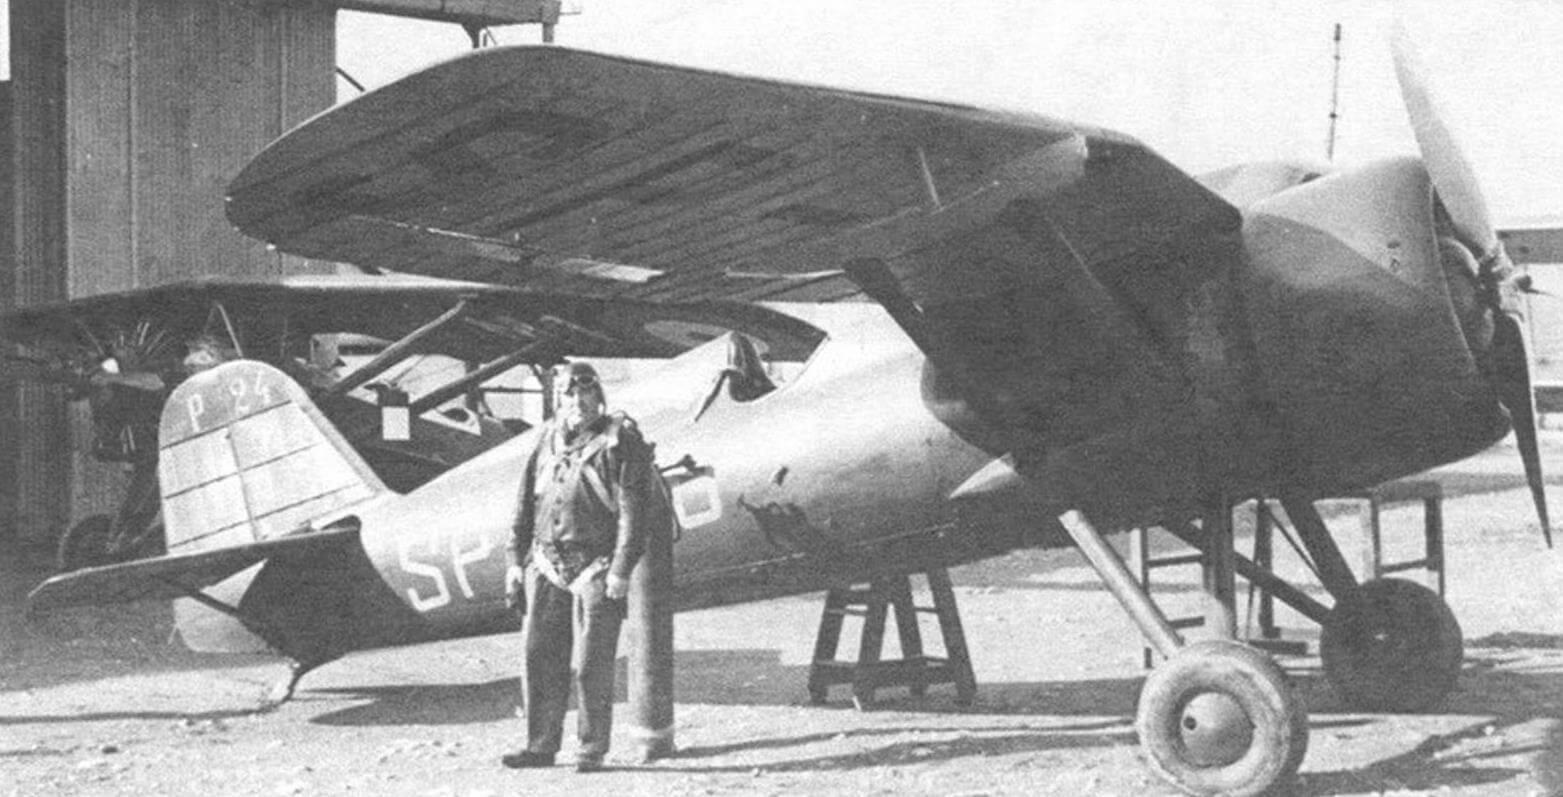 Летчик-испытатель Б. Орлинский возле Р-24/III на аэродроме в Афинах, весна 1936 г.